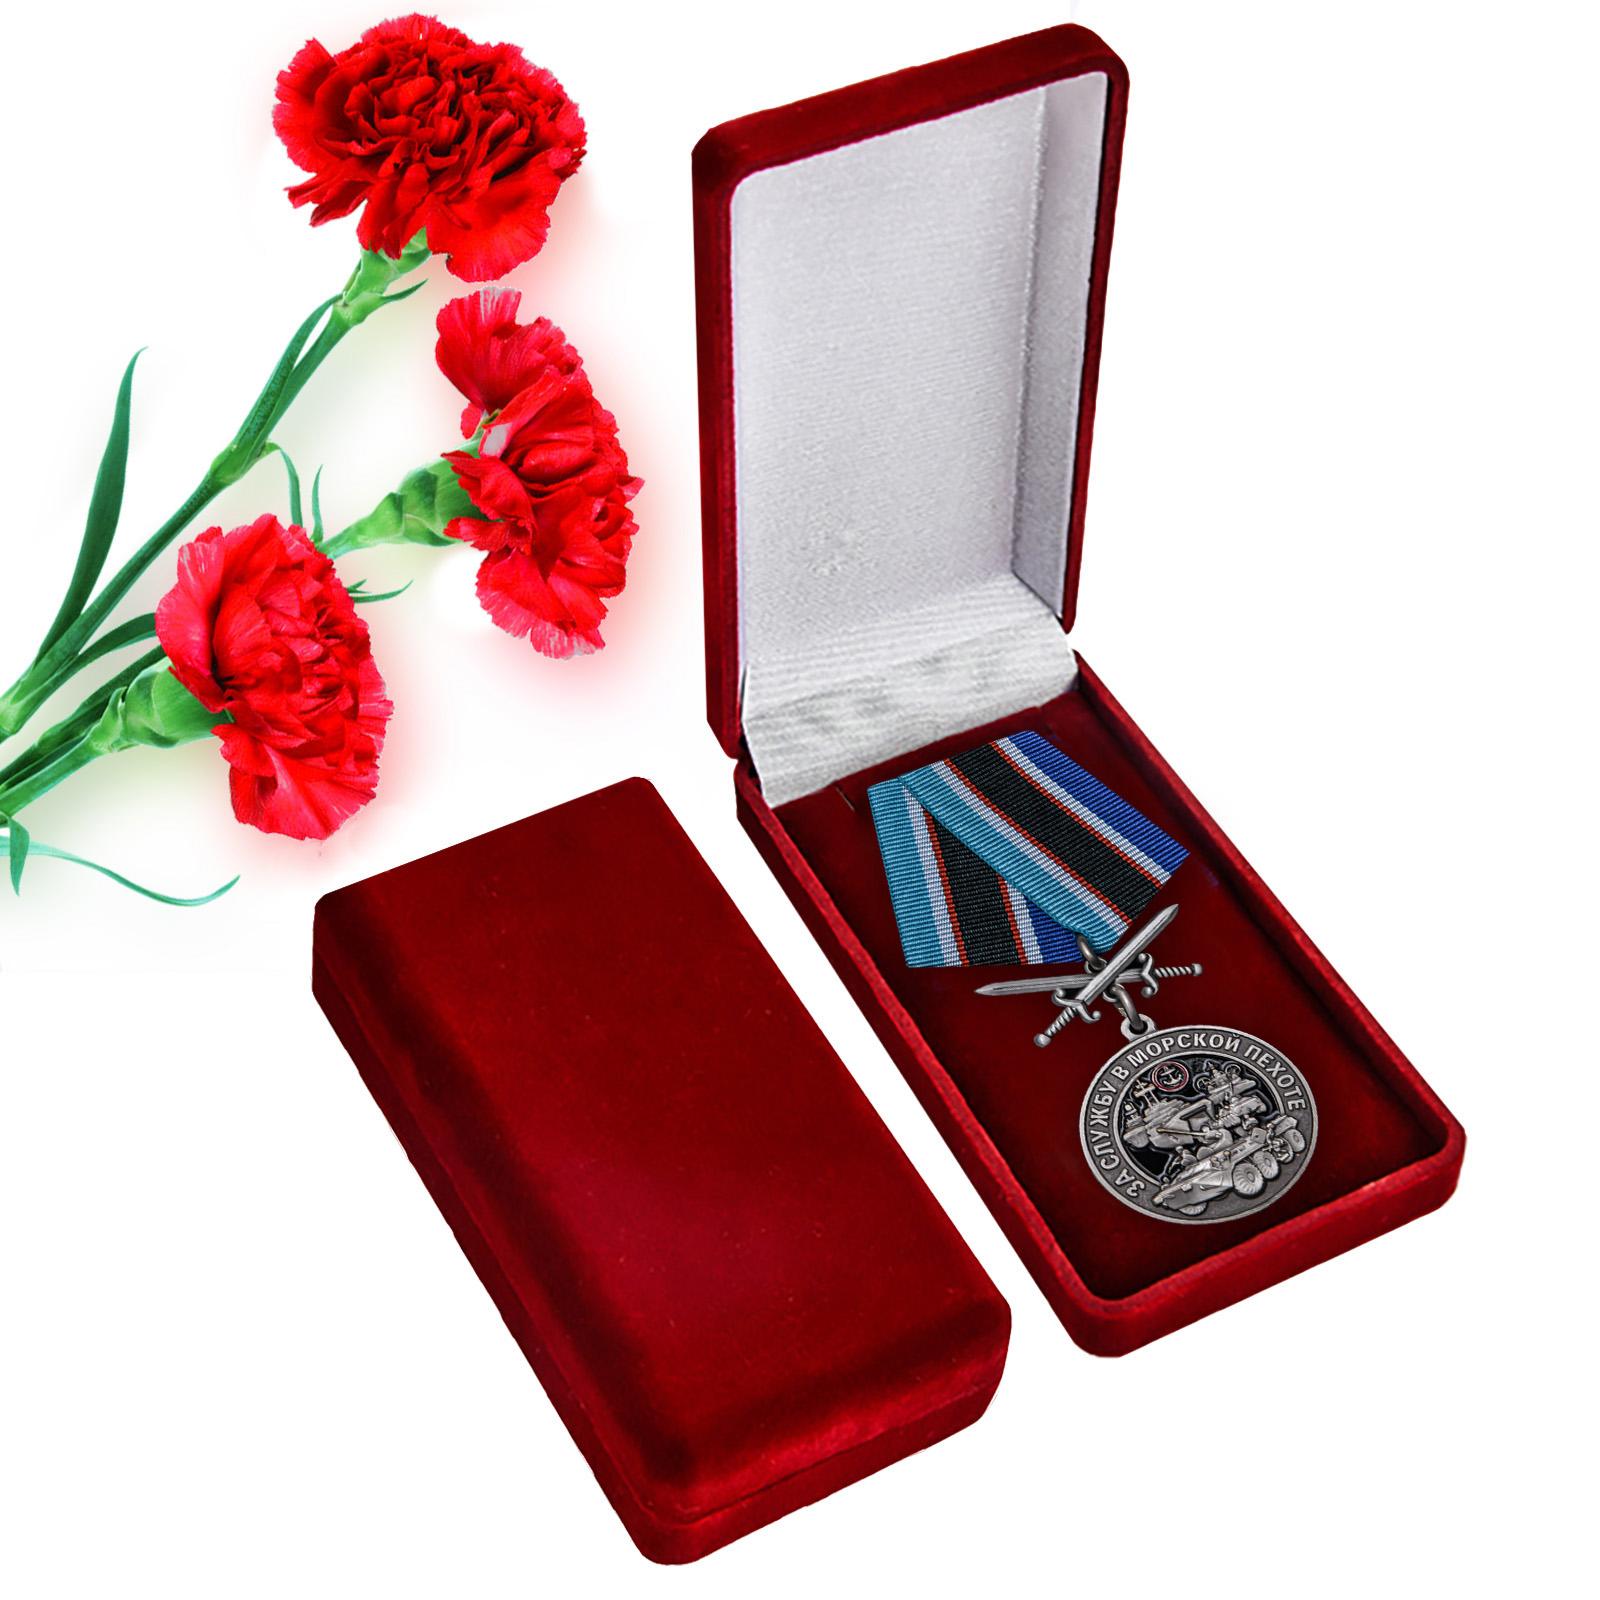 Купить медаль За службу в Морской пехоте оптом или в розницу